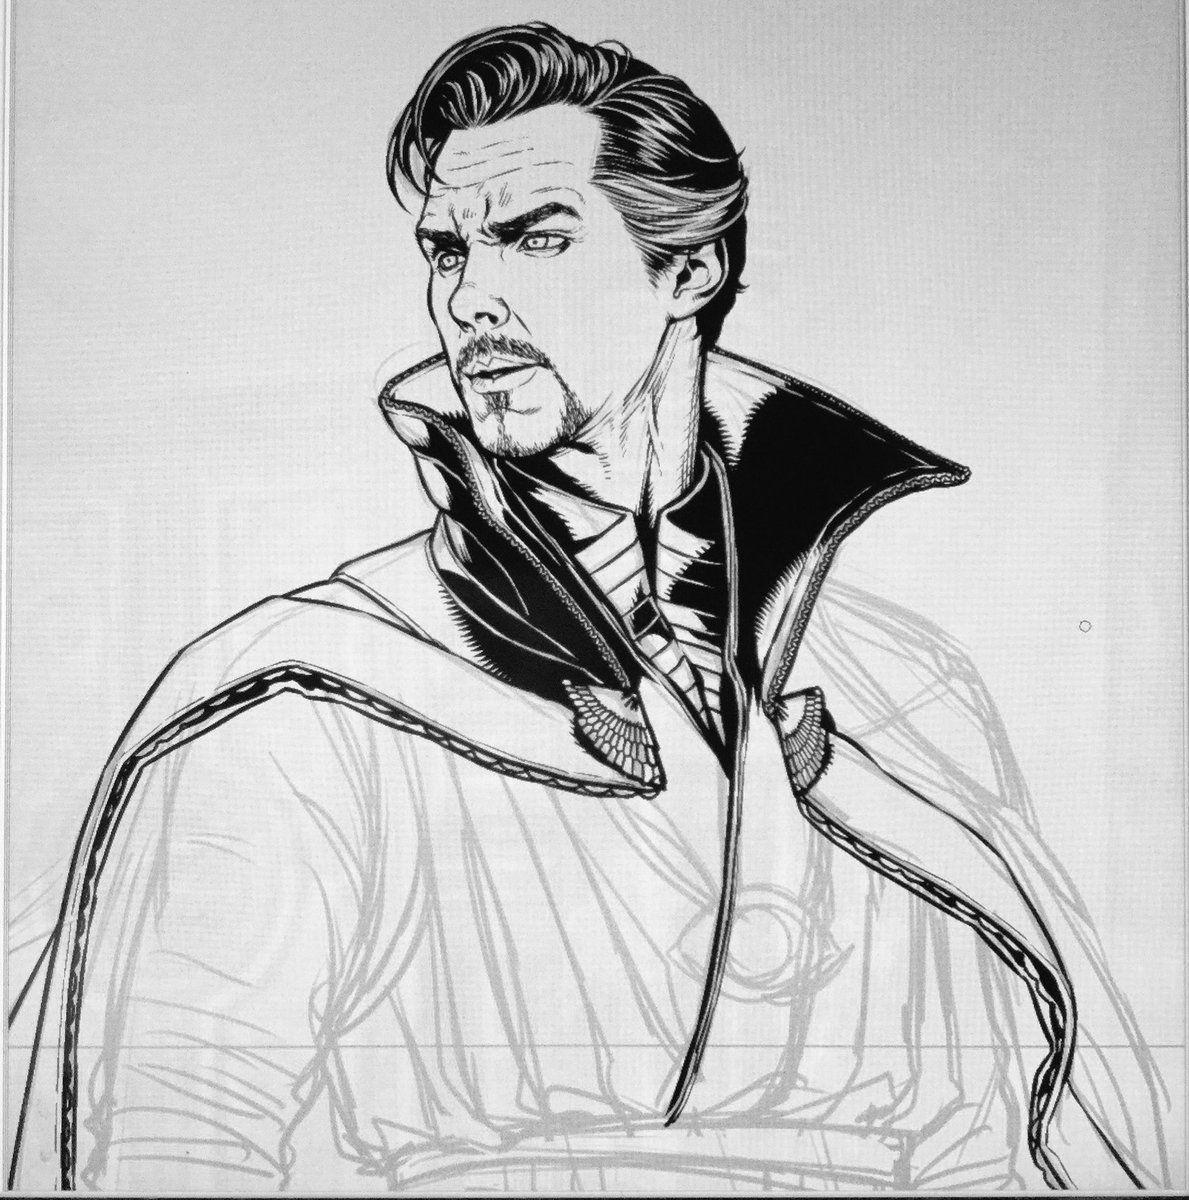 пупка картинки доктора стрэнджа карандашом основными